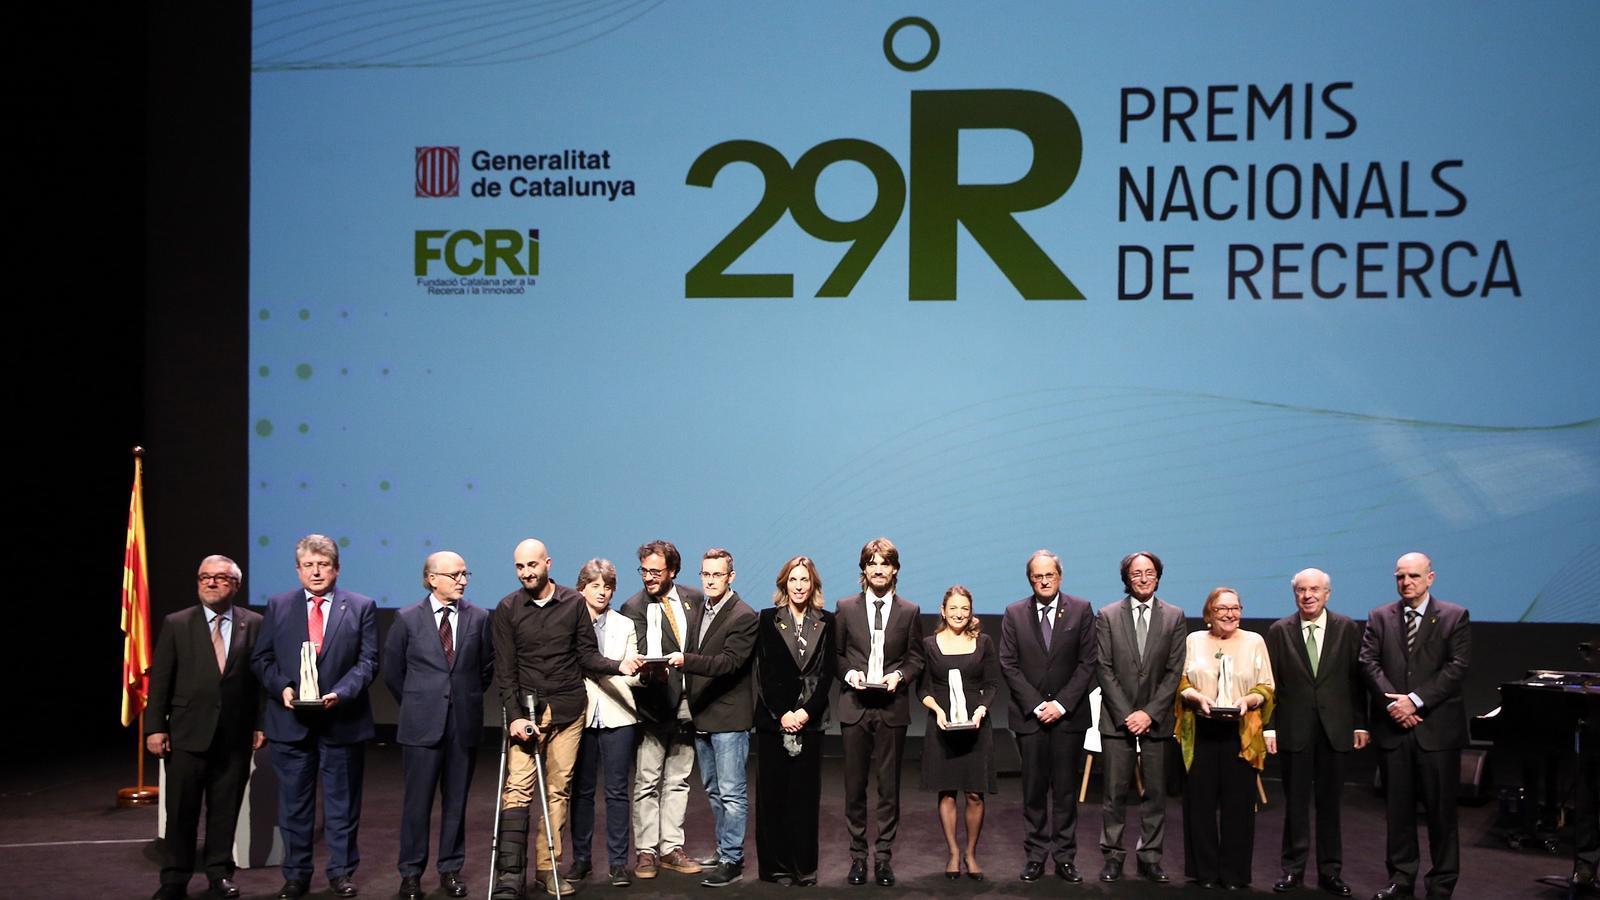 Fotografia dels premiats